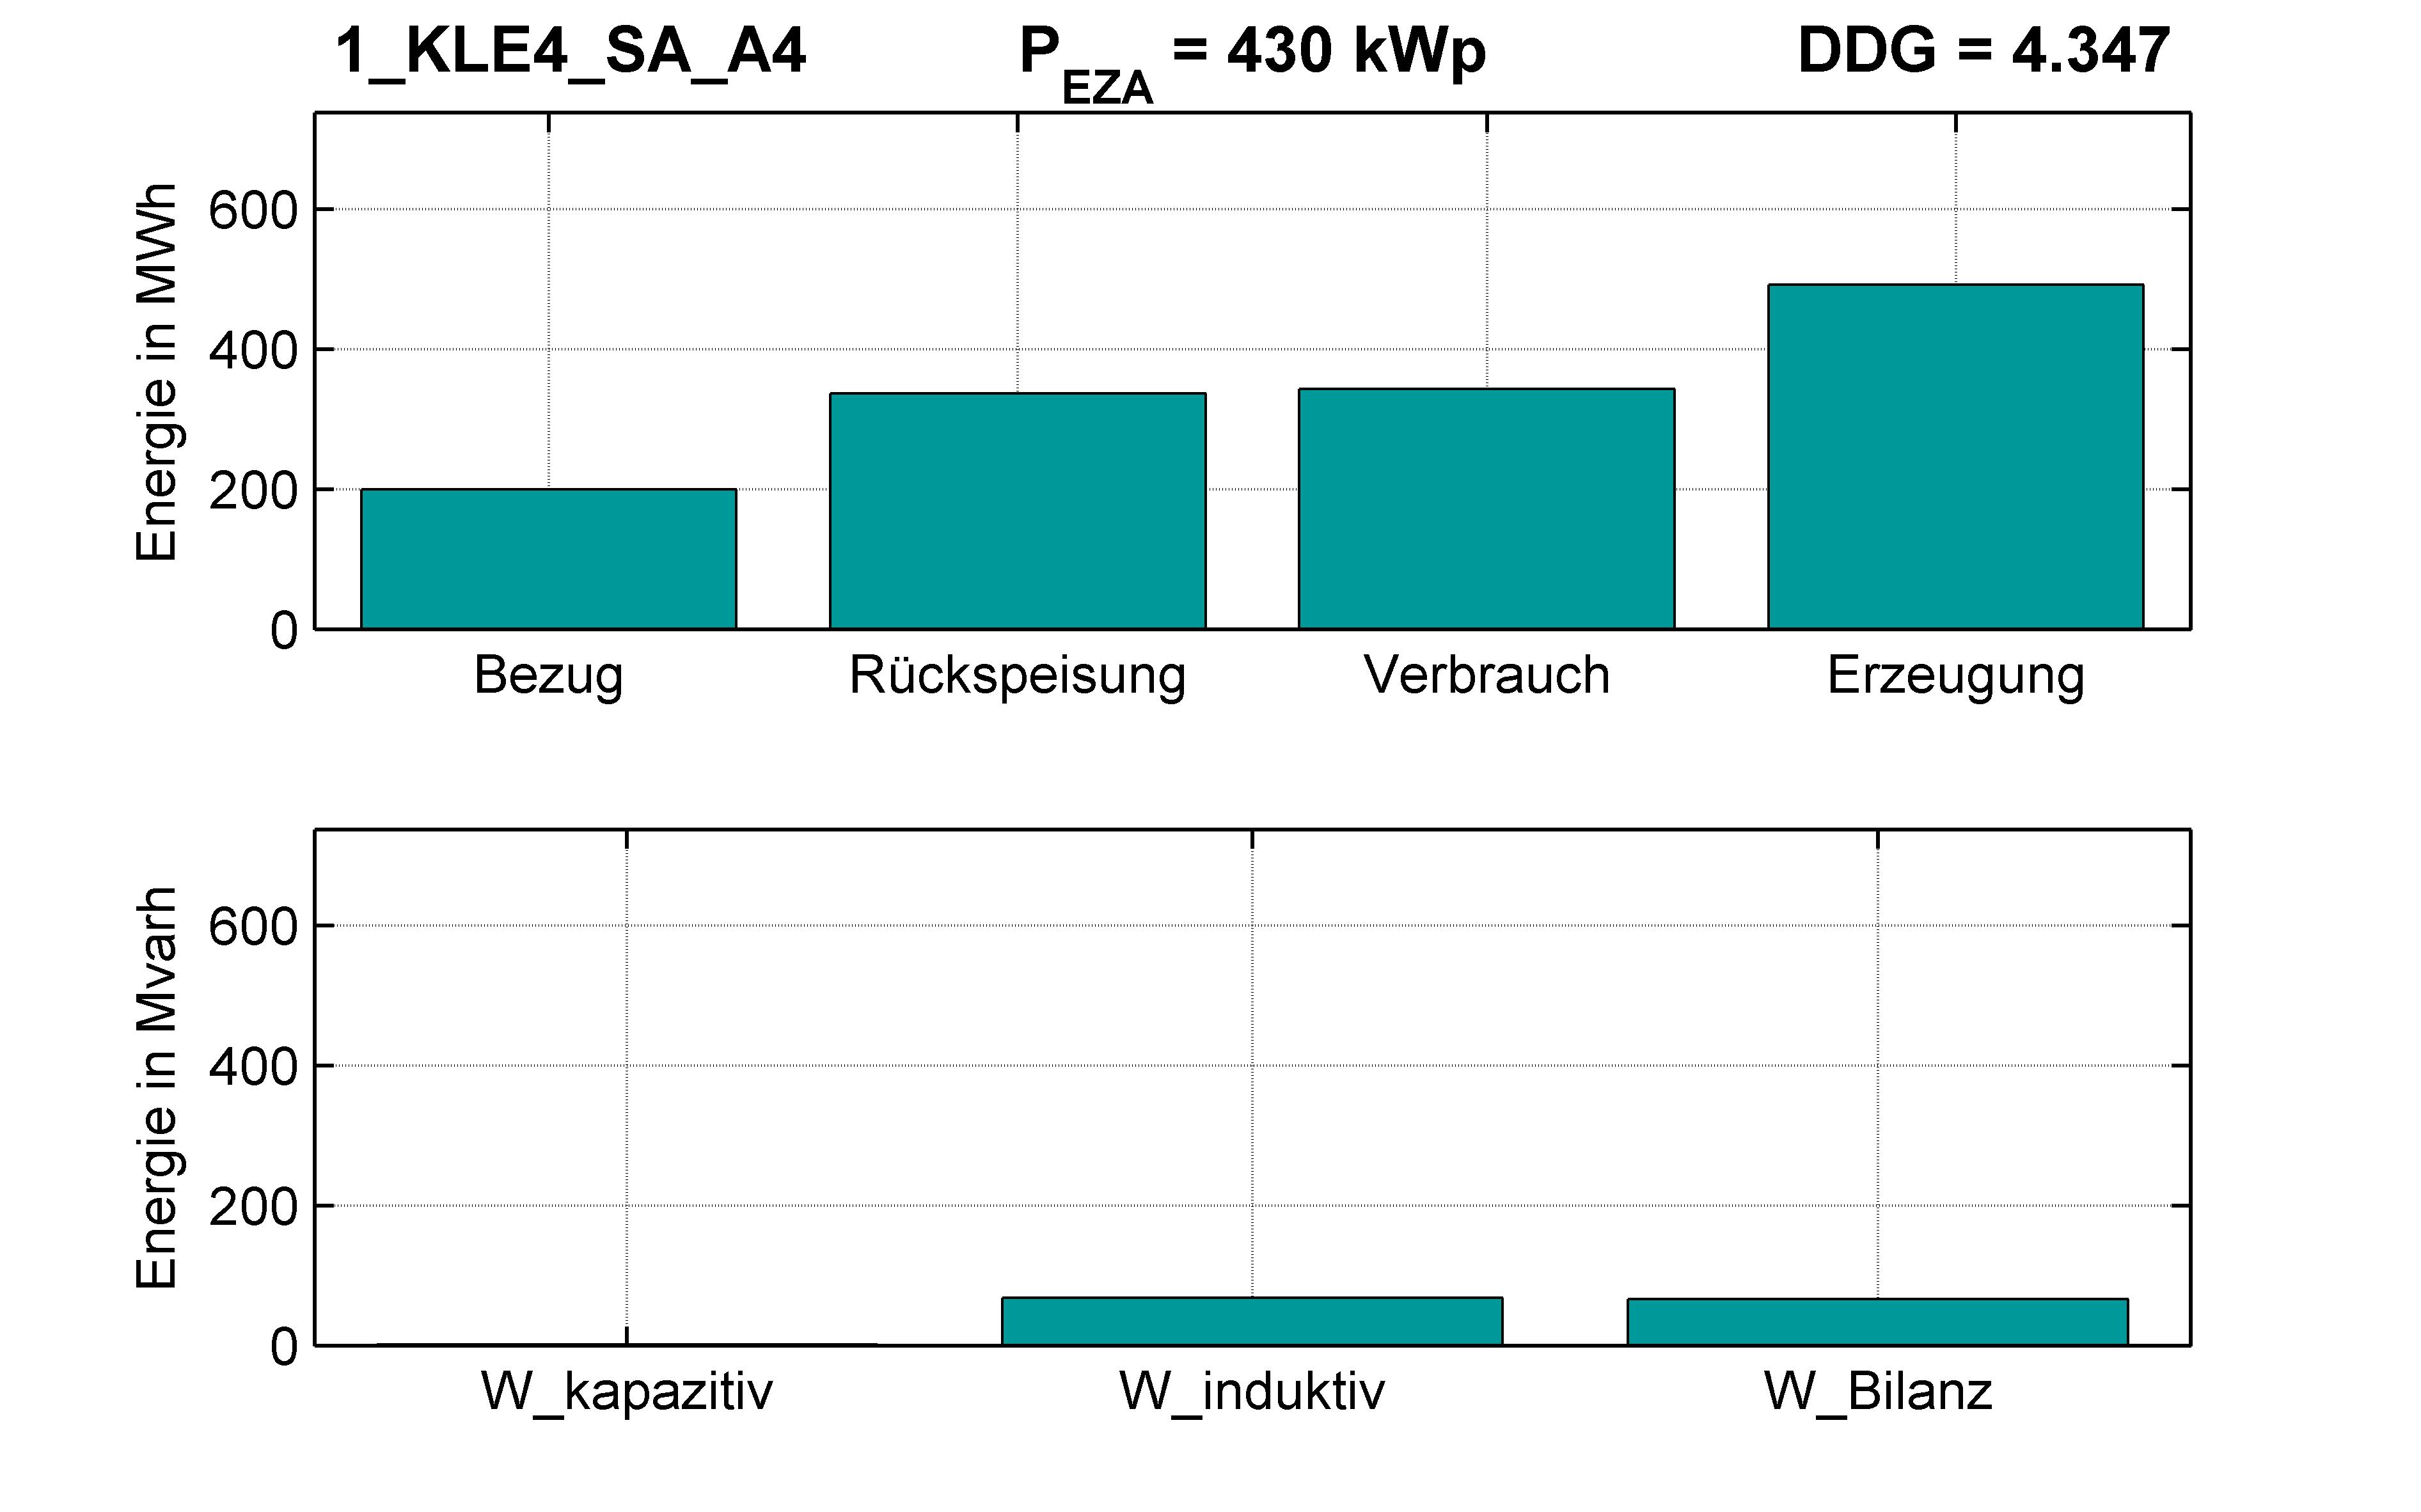 KLE4 | KABEL (SA) A4 | PQ-Bilanz